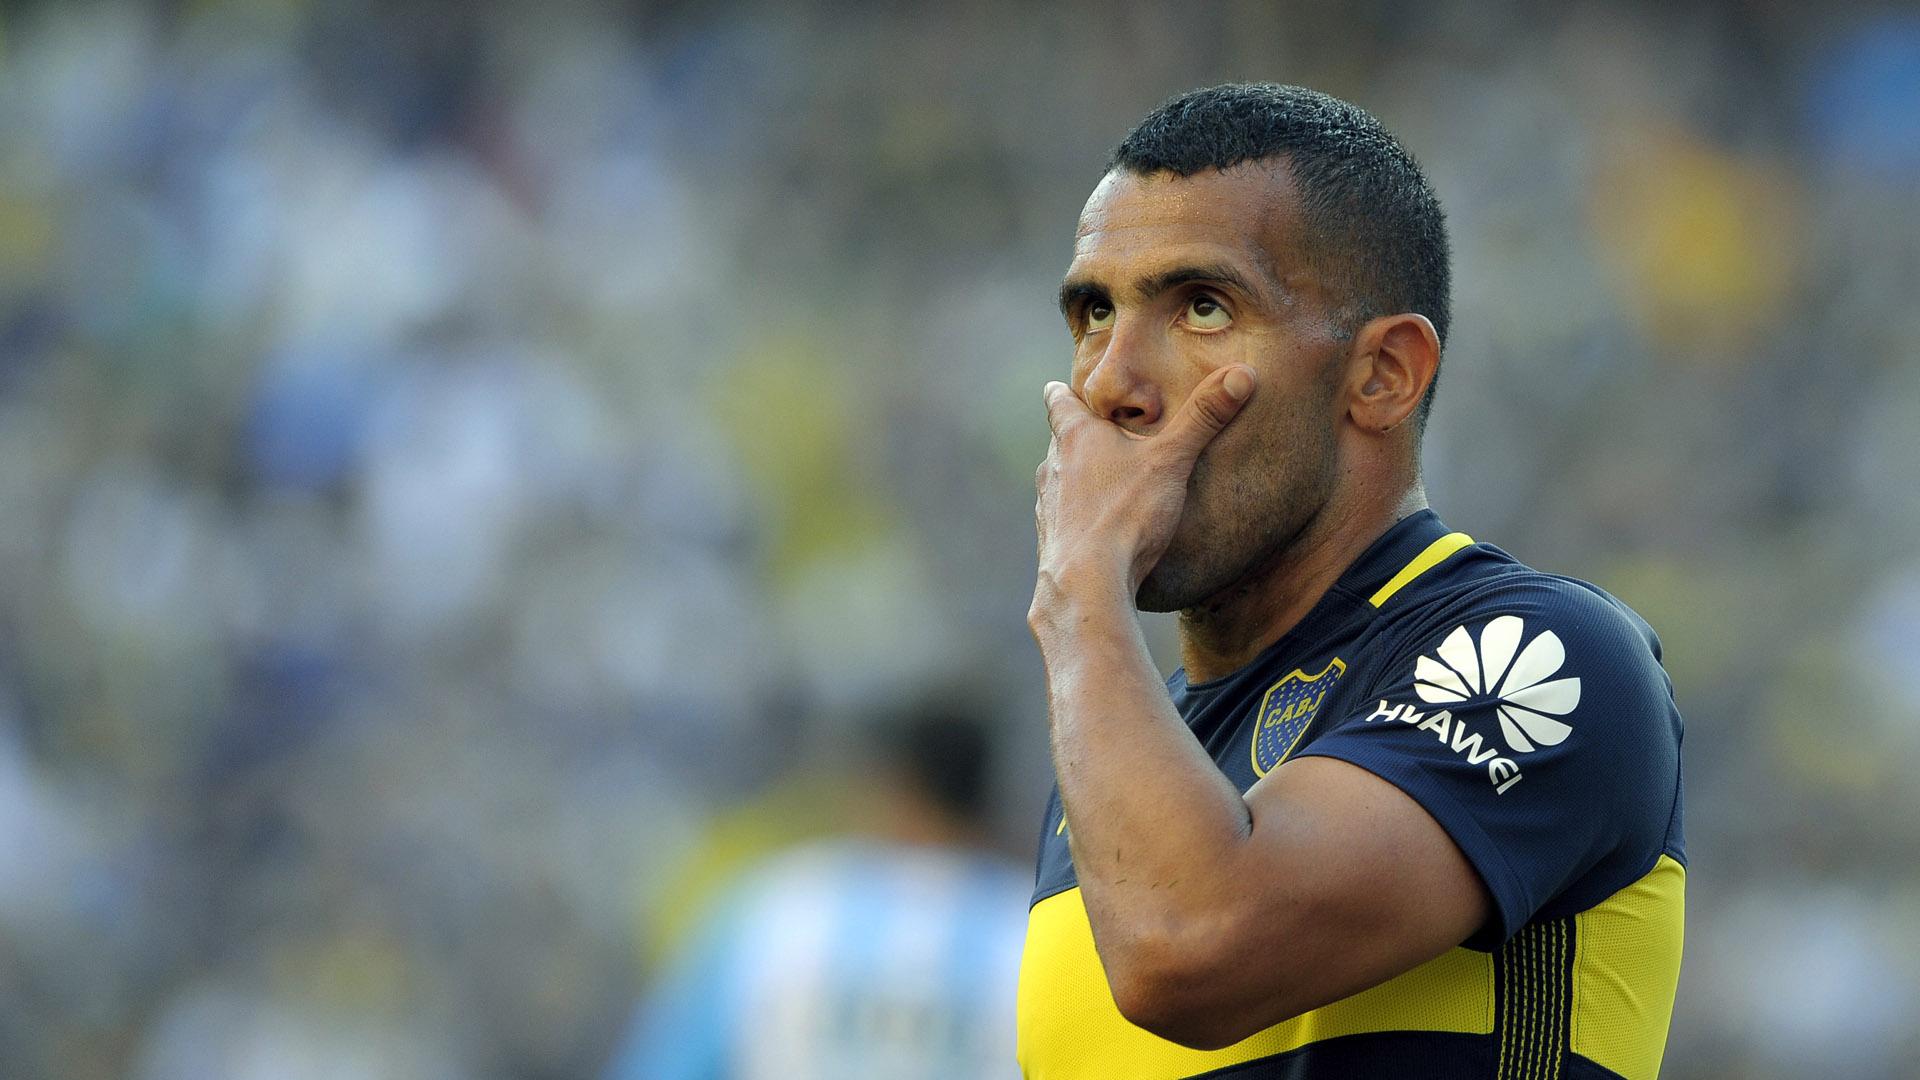 Carlos Tevez Boca Juniors